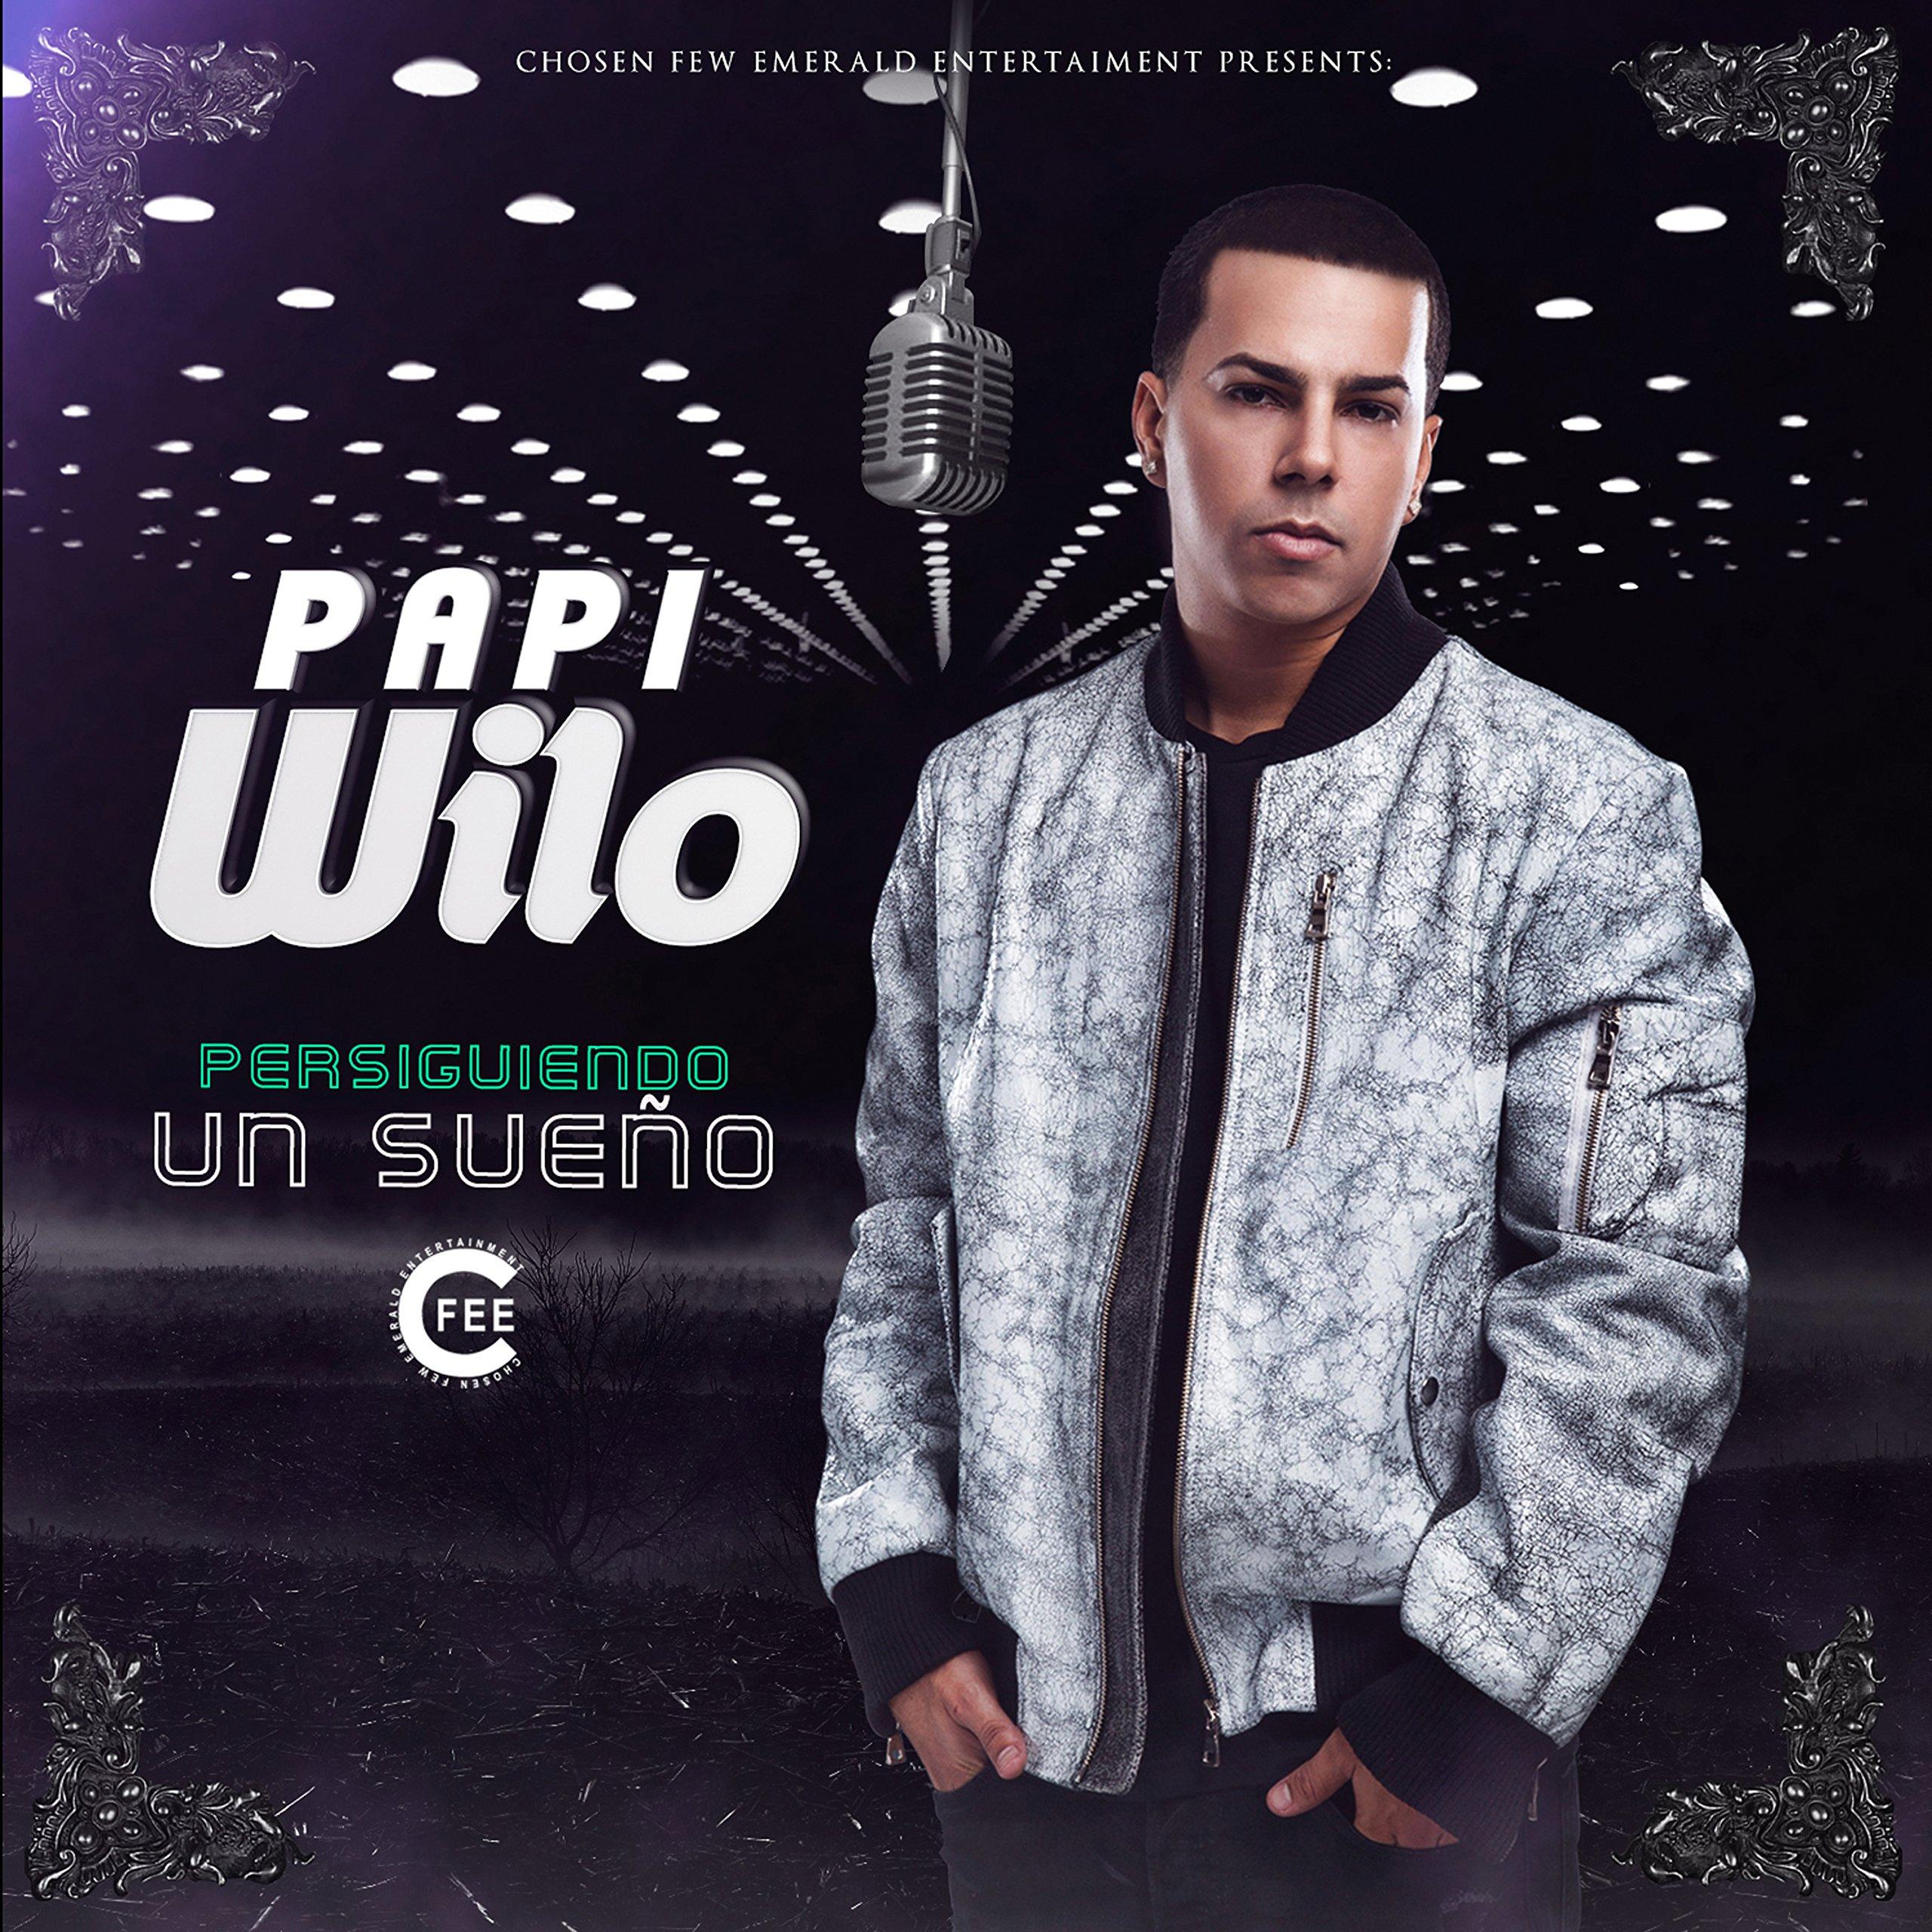 Papi Wilo - Persiguiendo Un Sueno (CD)